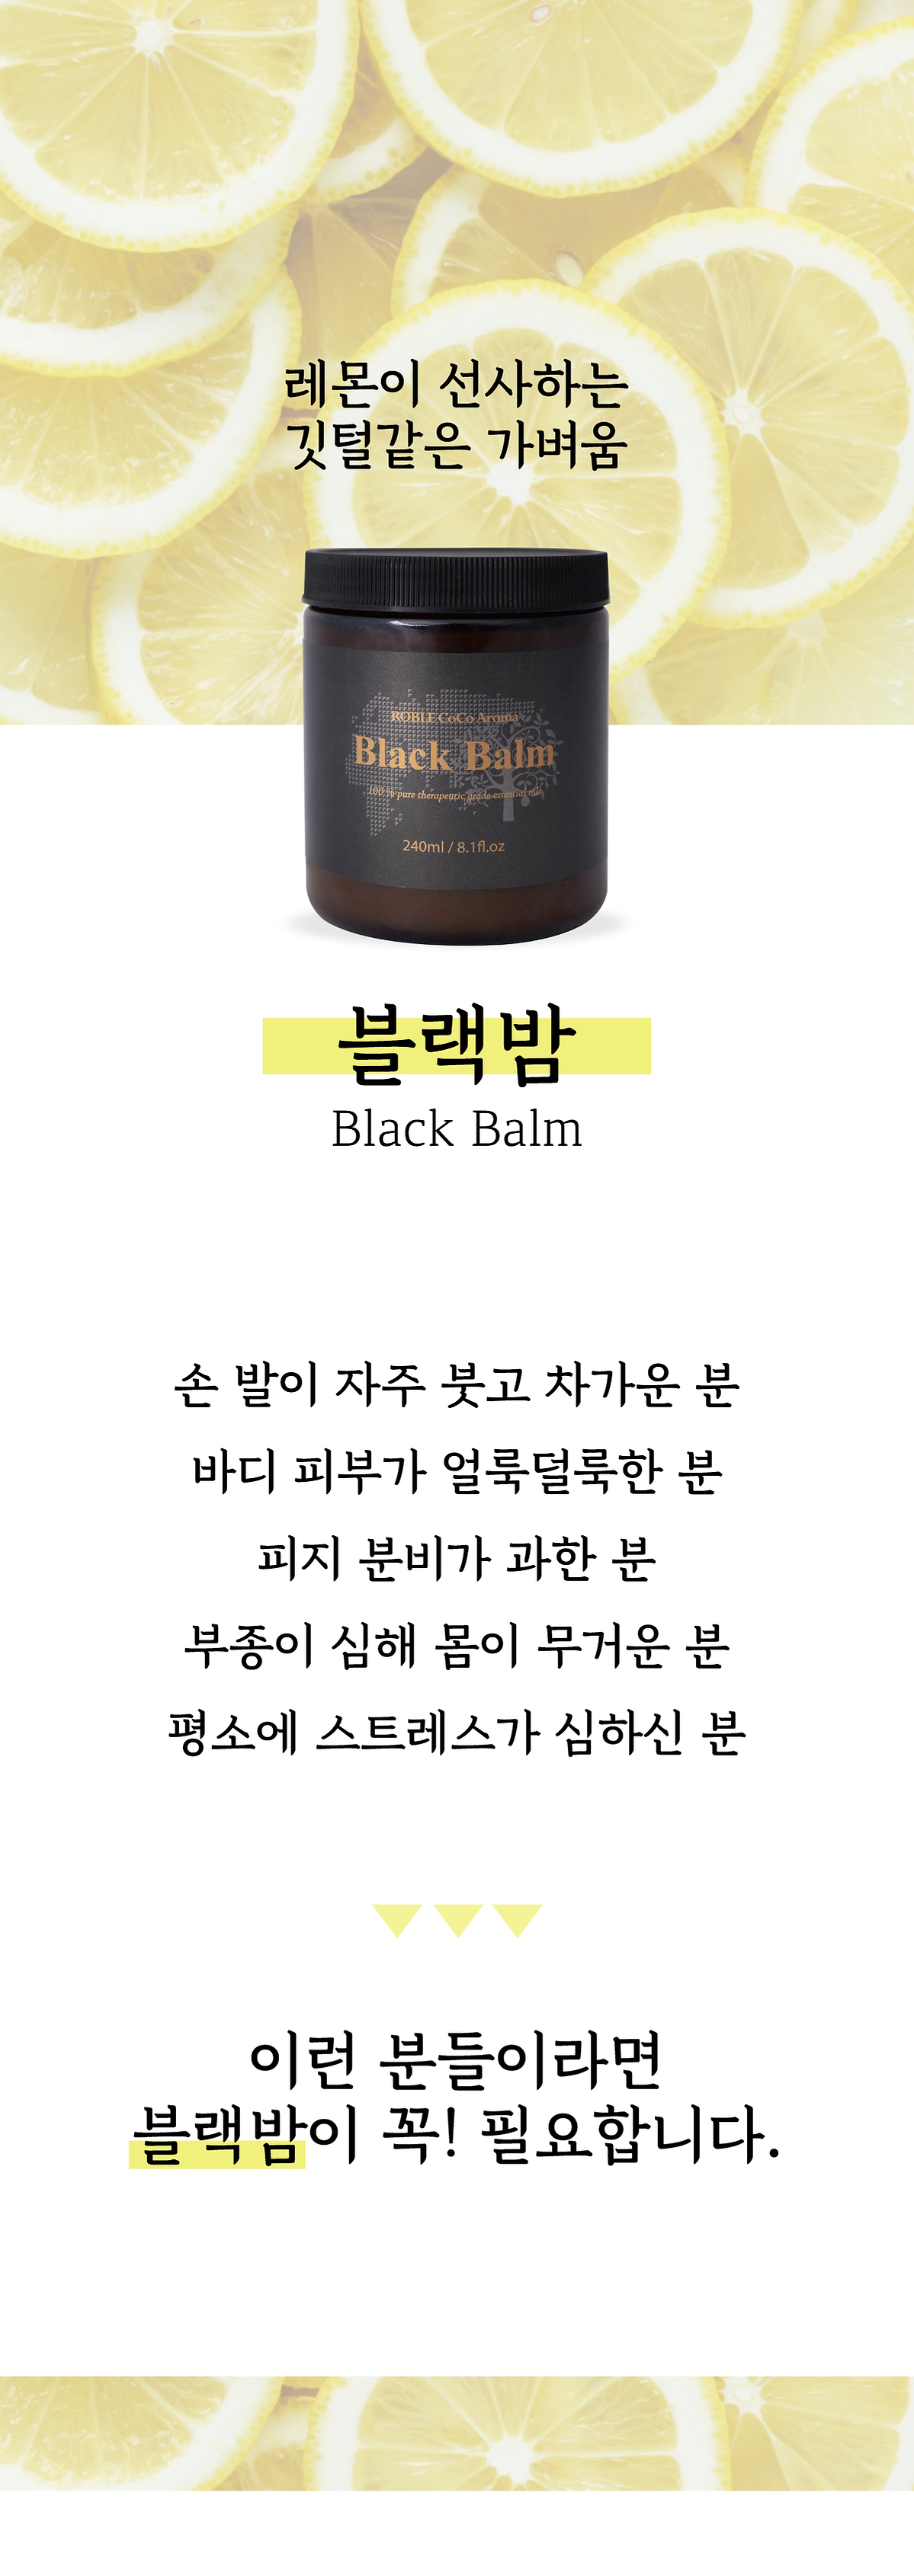 상세-블랙밤-1.png